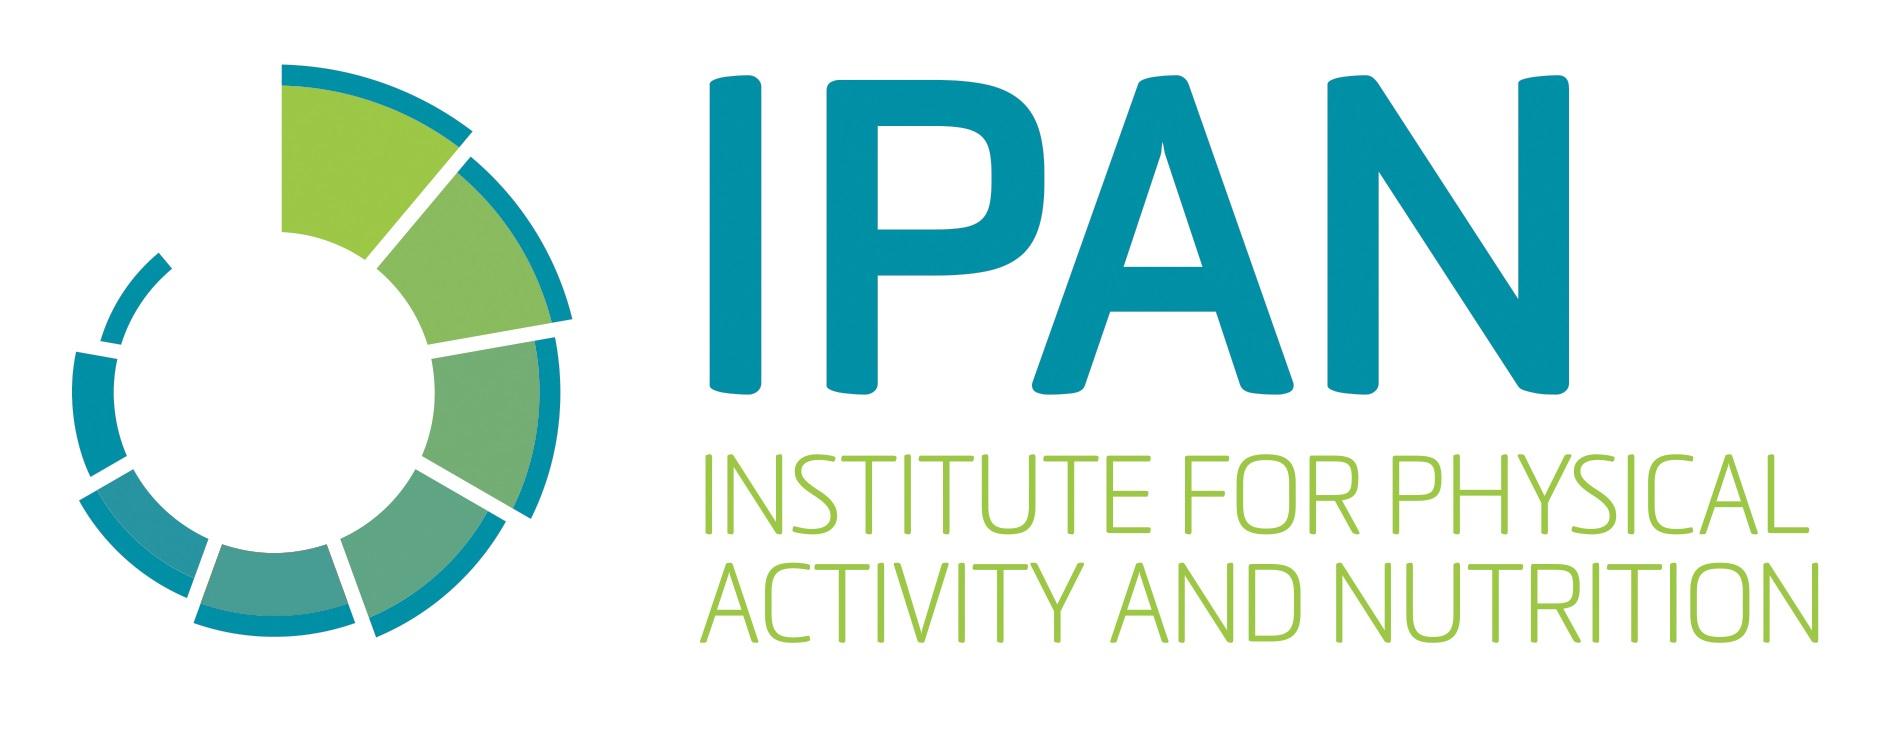 IPAN logo best